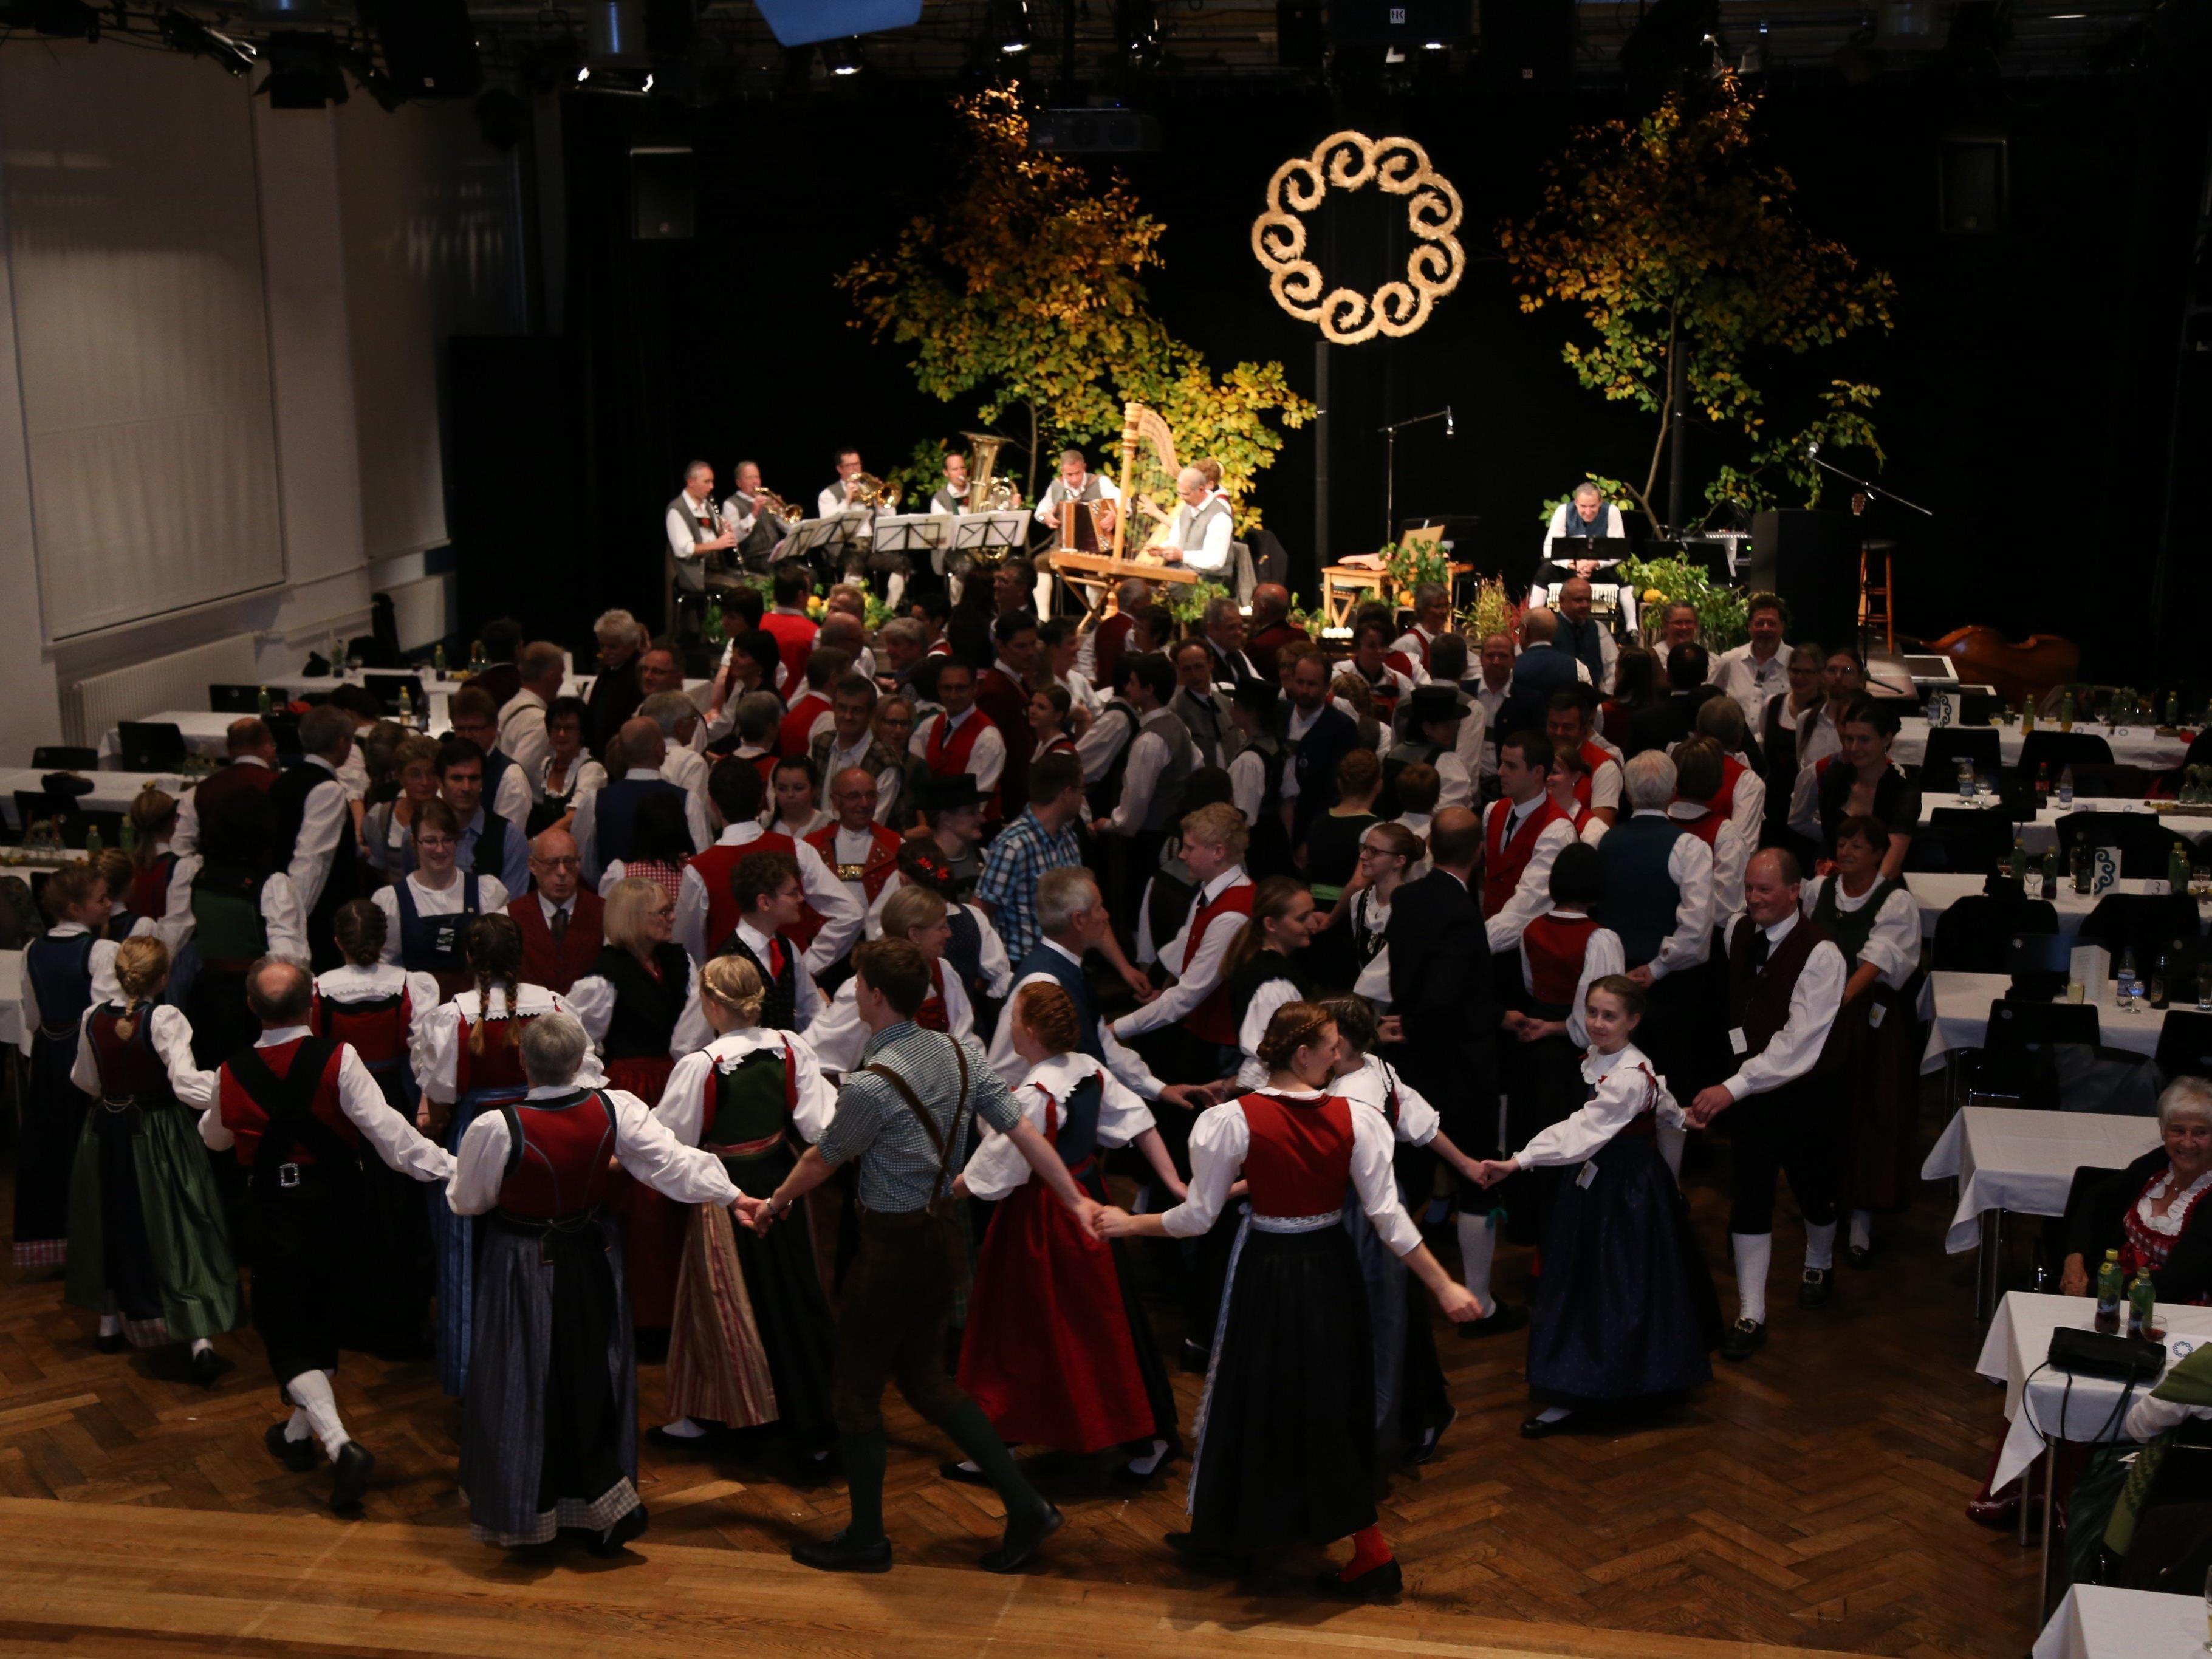 Über 100 Tänzer waren gekommen, um beim traditionellen Kathreintanz der TG im Pförtnerhaus teilzunehmen.